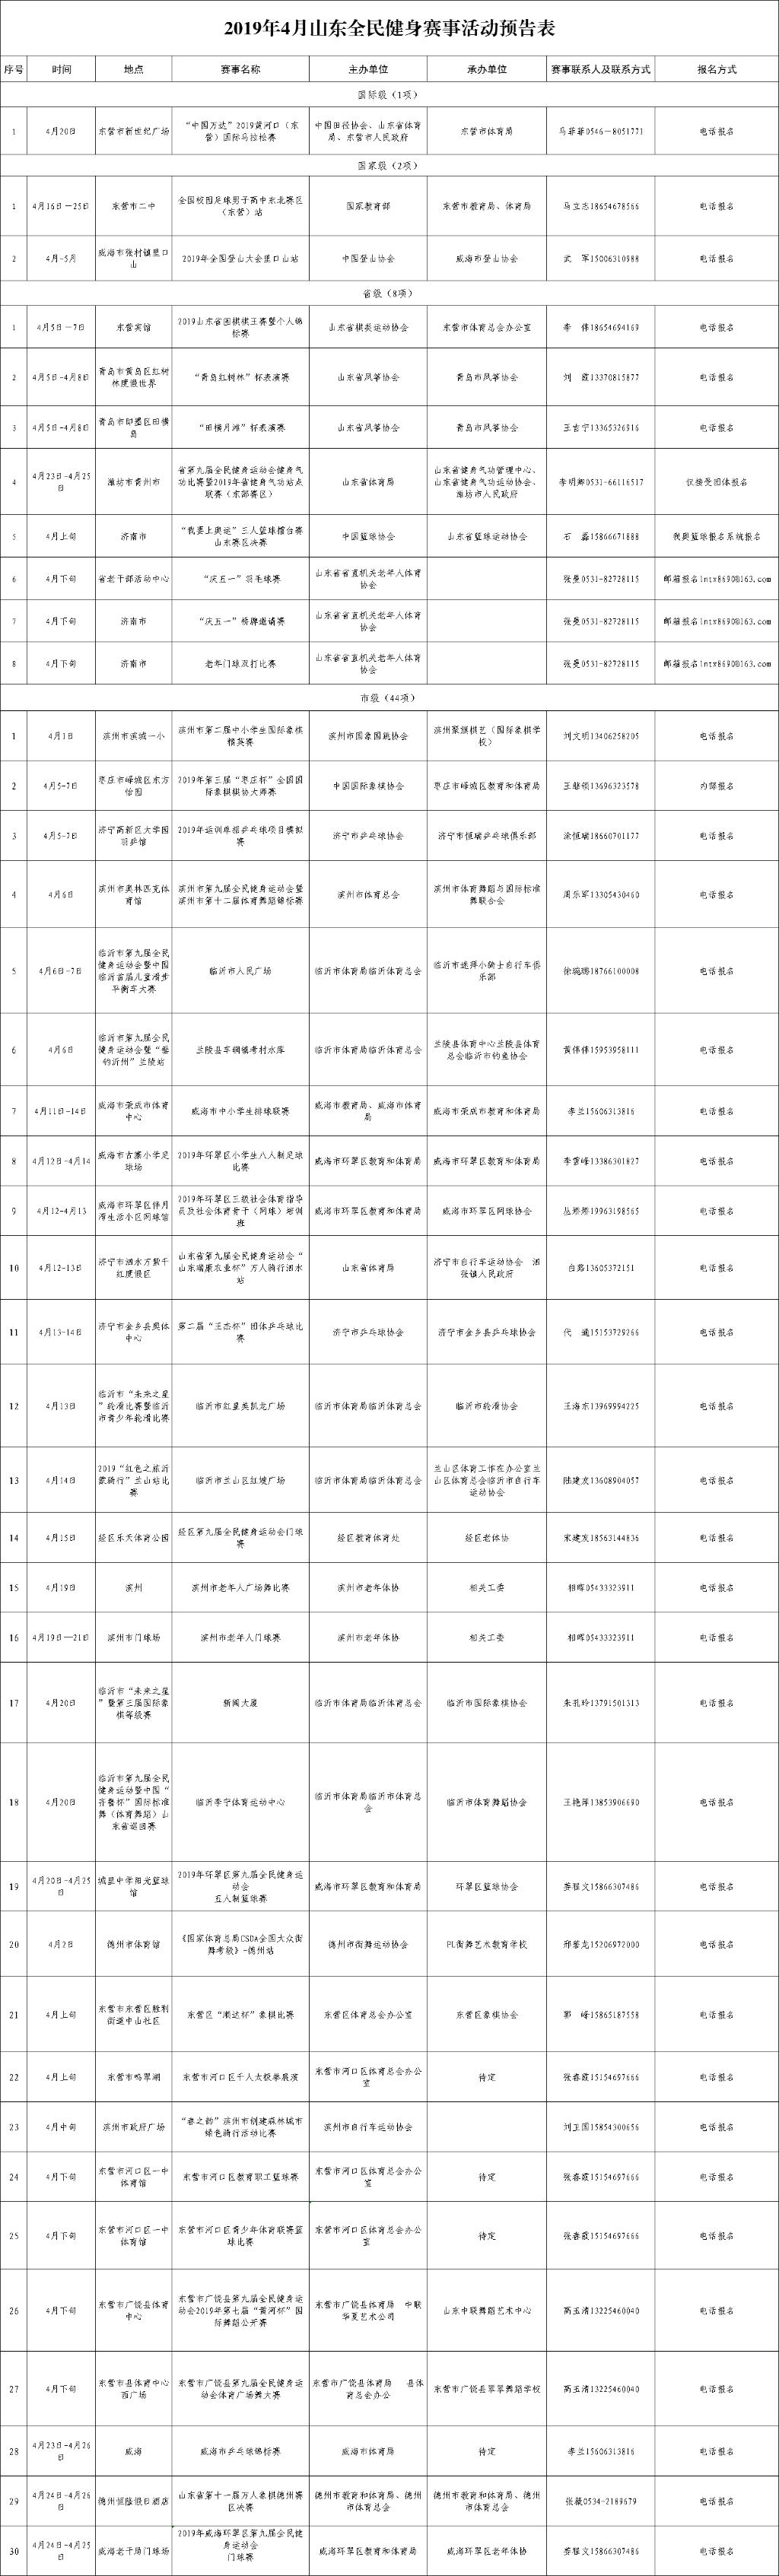 M1`HS8[E8]{Y6T8{LQQOKHA.png